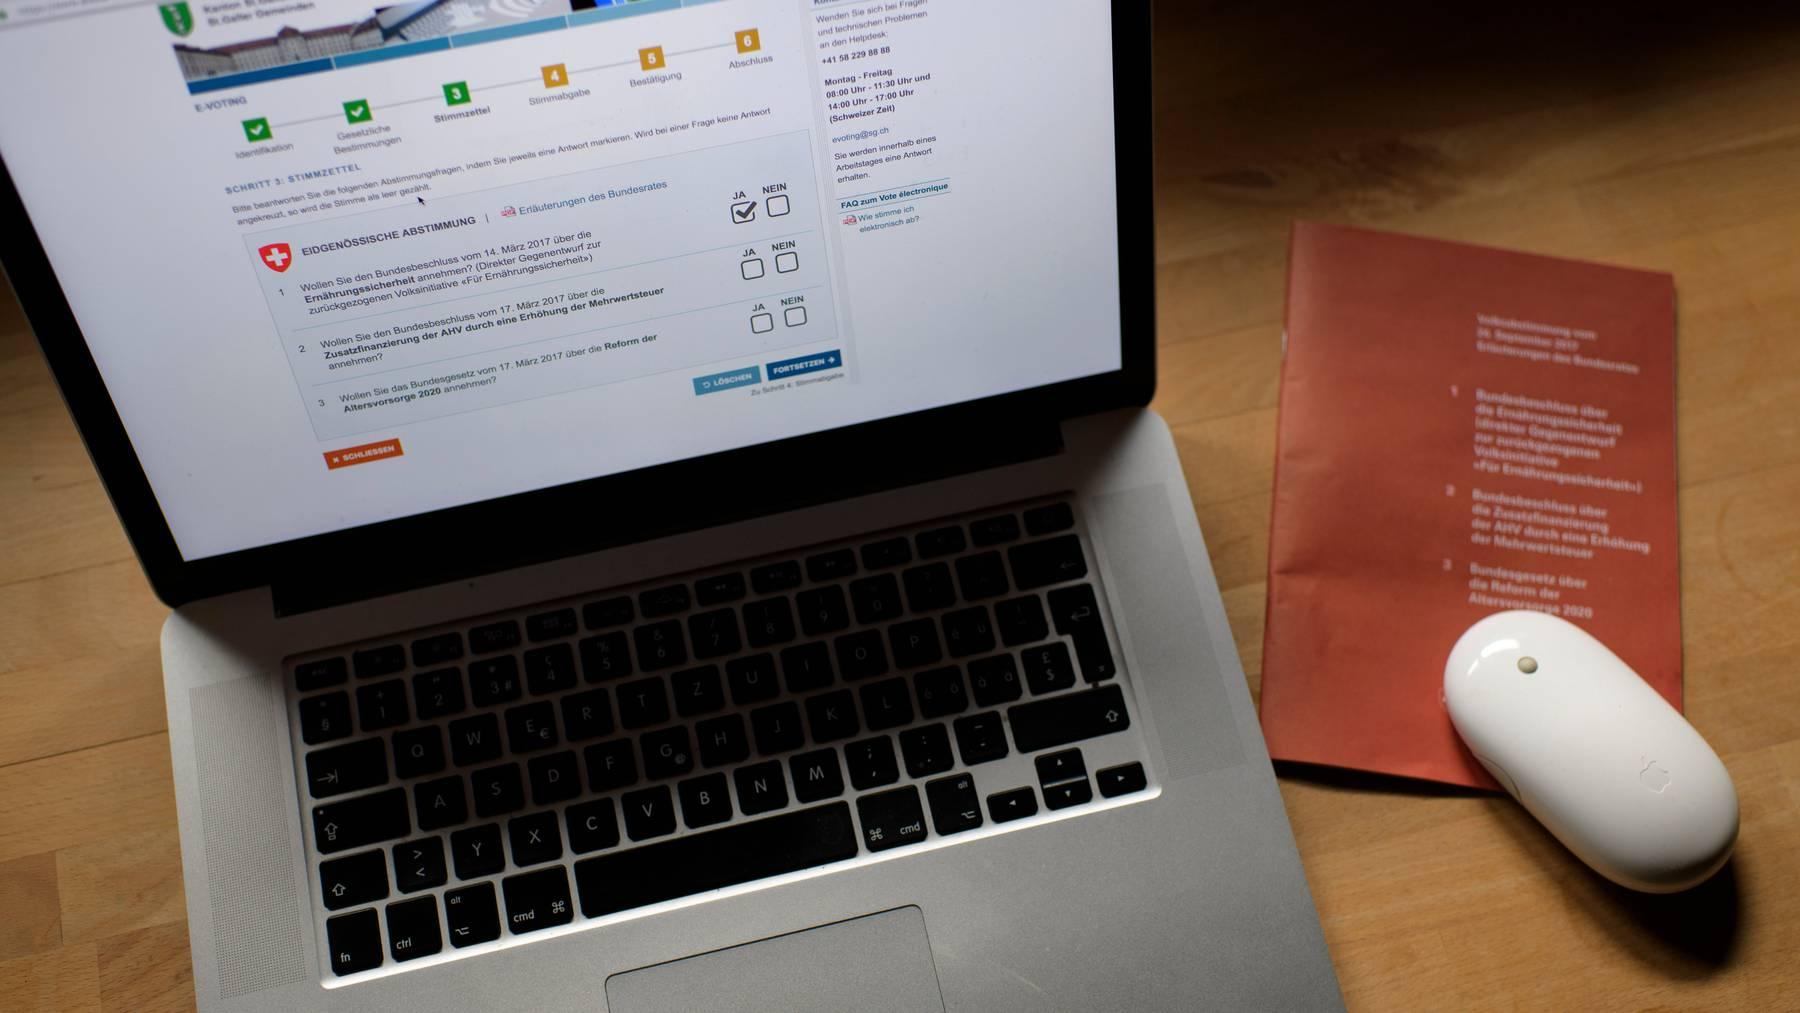 Im Austausch mit IT-Experten will die Post ein sicheres E-Voting-System entwickeln.